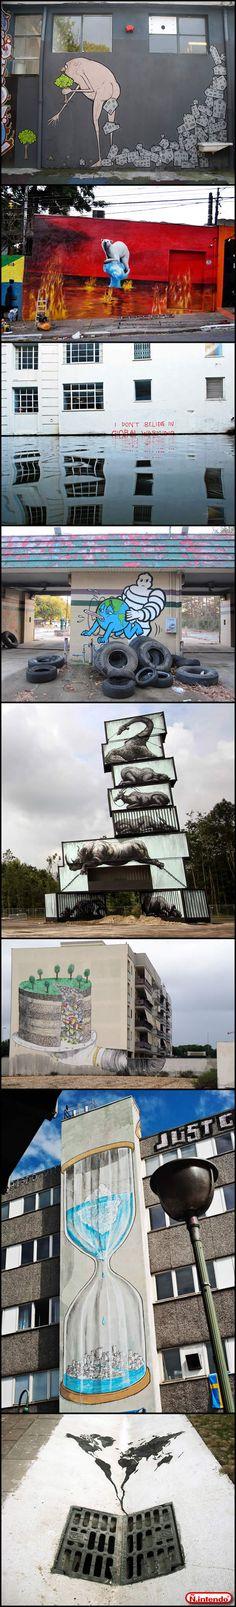 Arte Em Regiões Urbanas Mostram Como Estamos Destruindo o Mundo